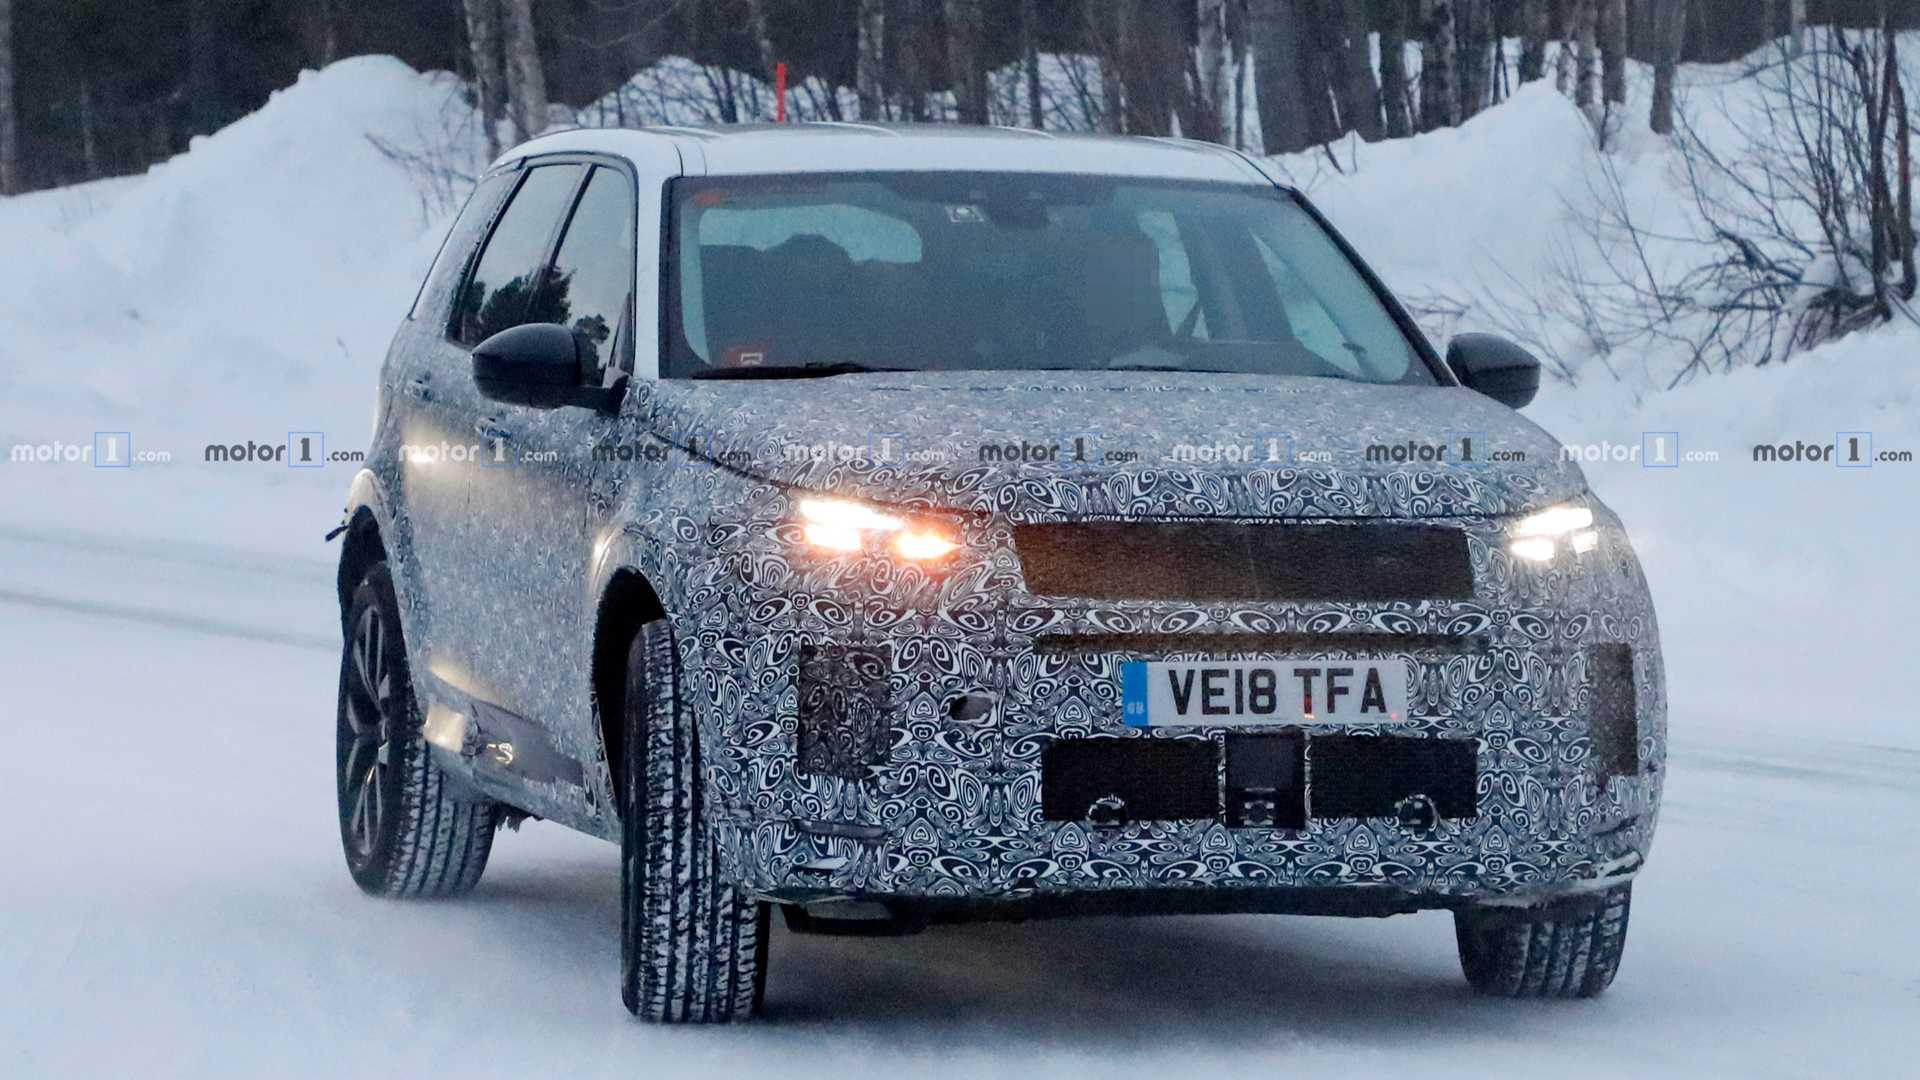 Будущие SUV концерна Jaguar Land Rover будут строить на архитектуре BMW. Вероятно, речь идет о переднеприводной «тележке» FAAR, на которой базируются актуальный 1-Series и ряд моделей MINI.